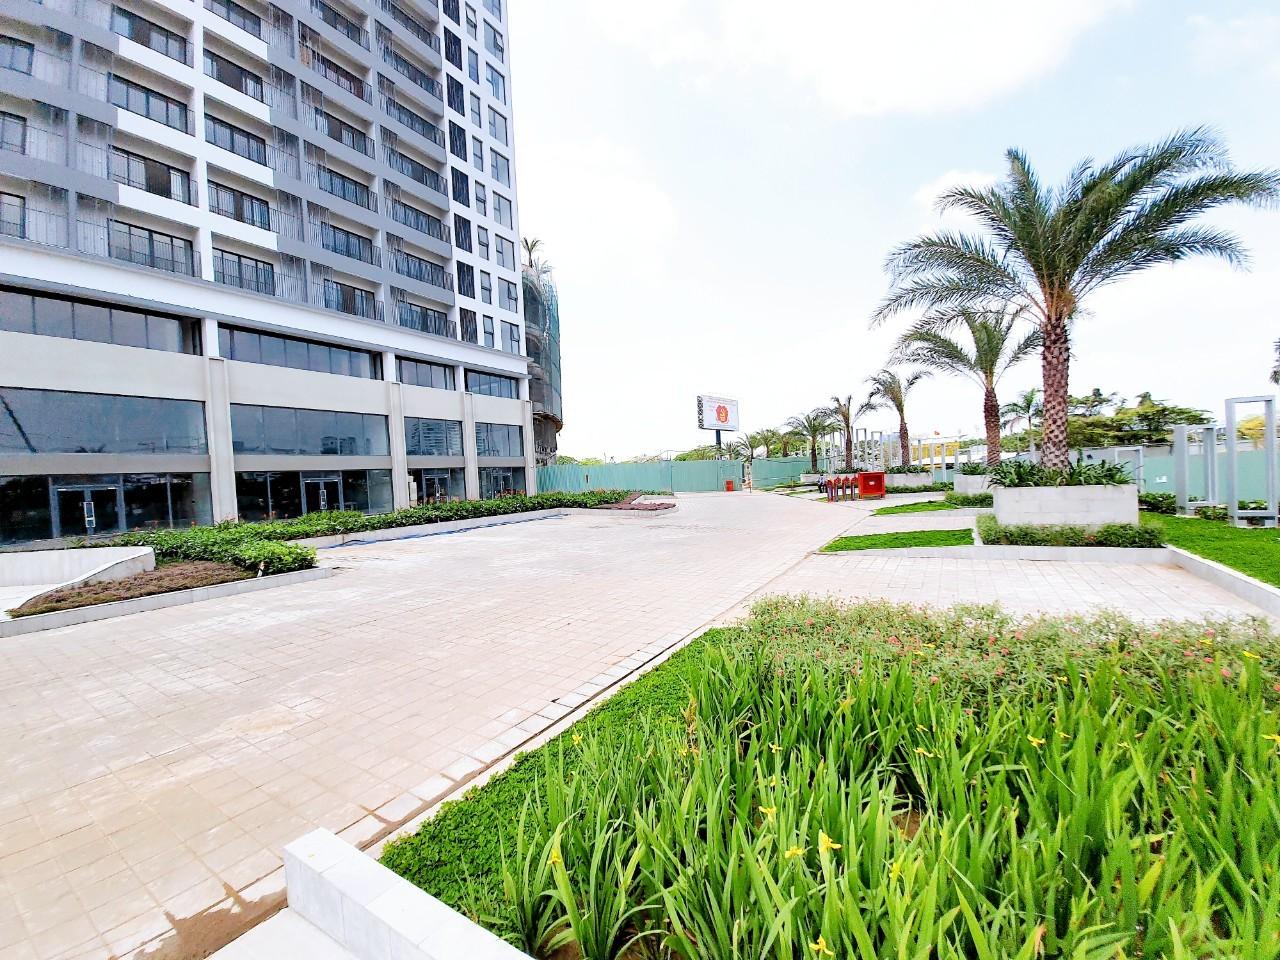 Lavida Plus_2PN_75m2_HTCB,giá 3tỷ3 nhận nhà,vị trí đẹp,view góc thoáng mát